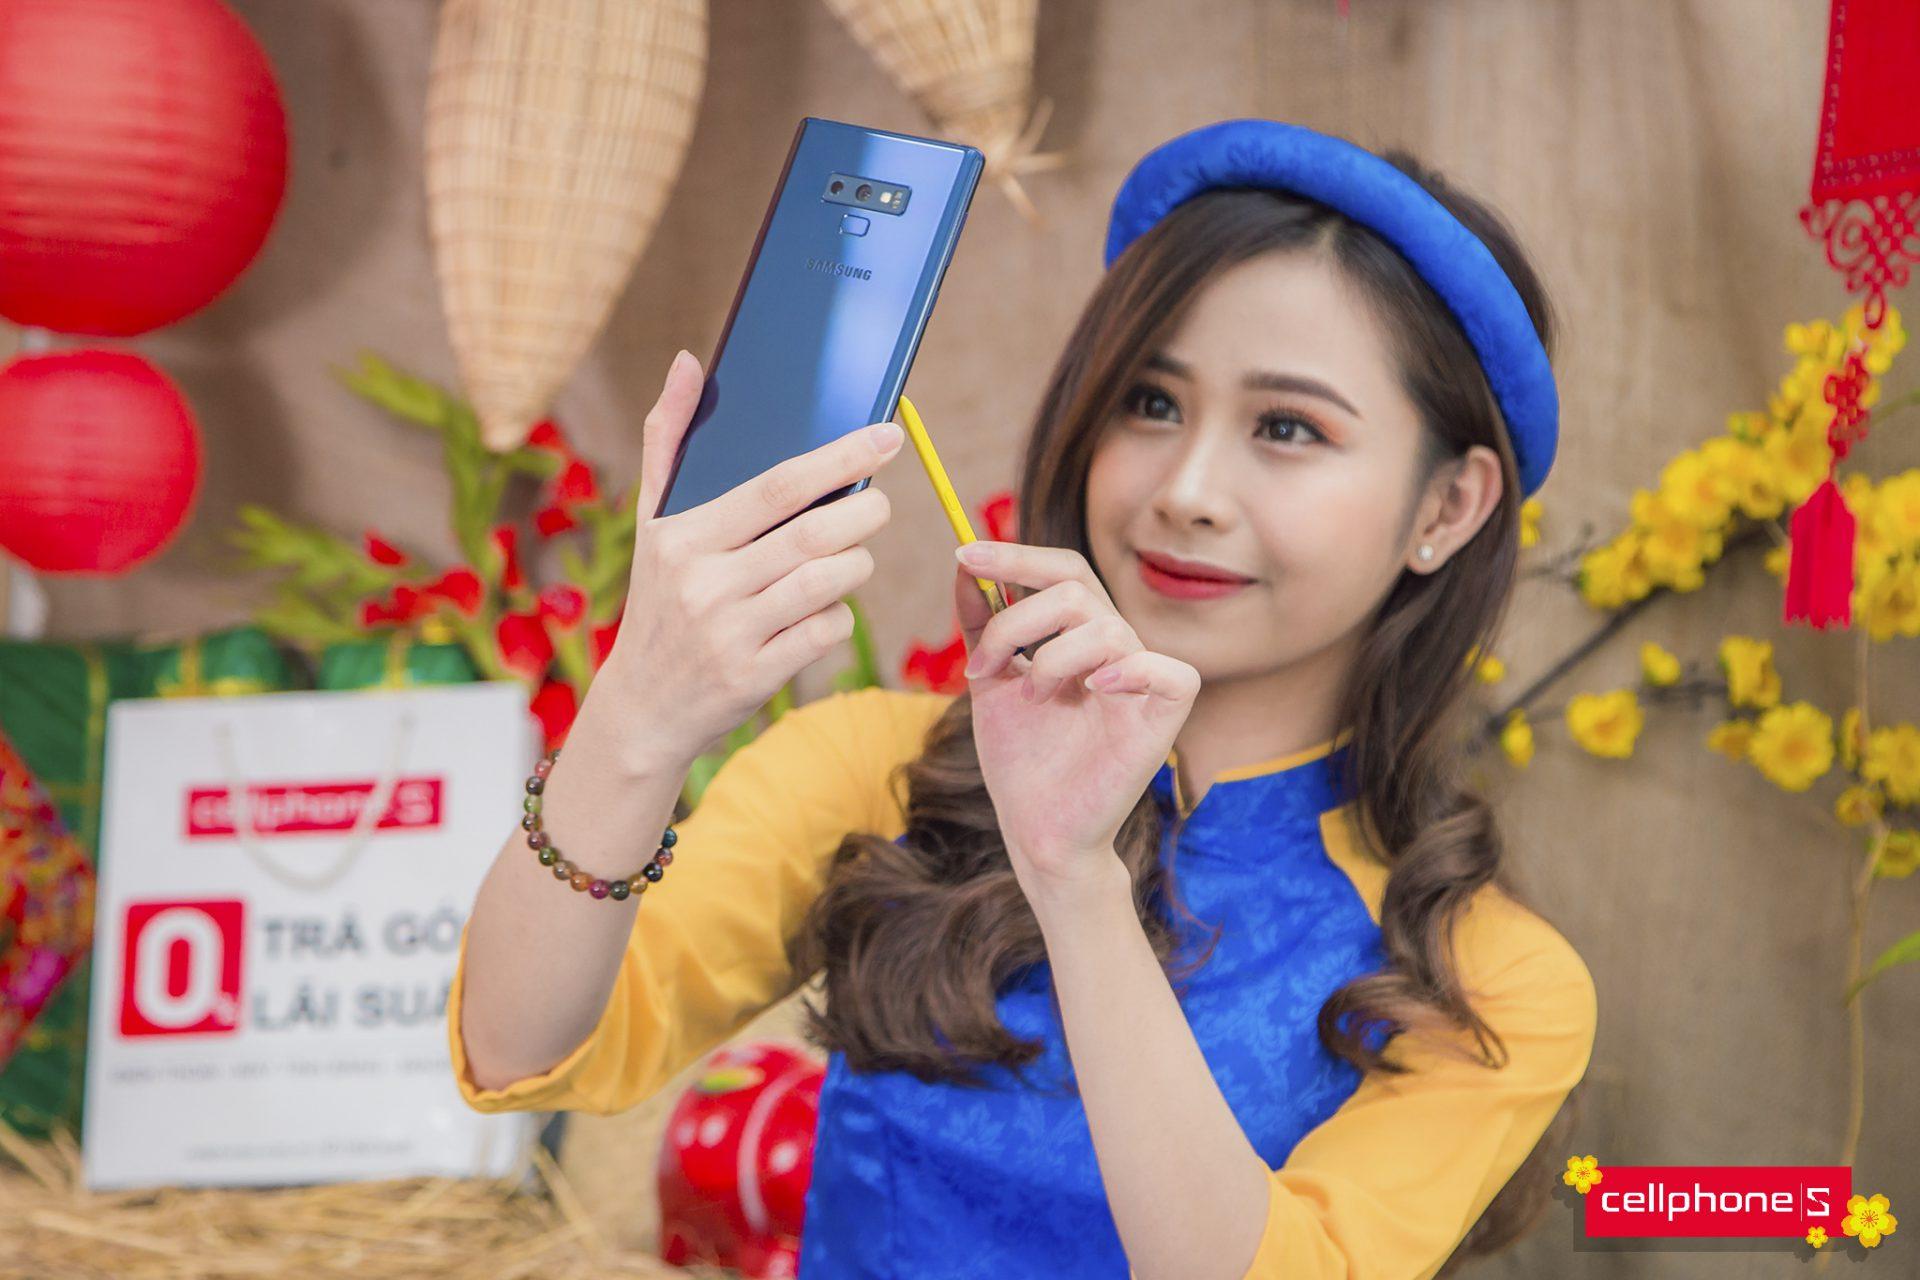 Đón Tết về – Săn khuyến mãi cực phê các sản phẩm Samsung Galaxy tại CellphoneS